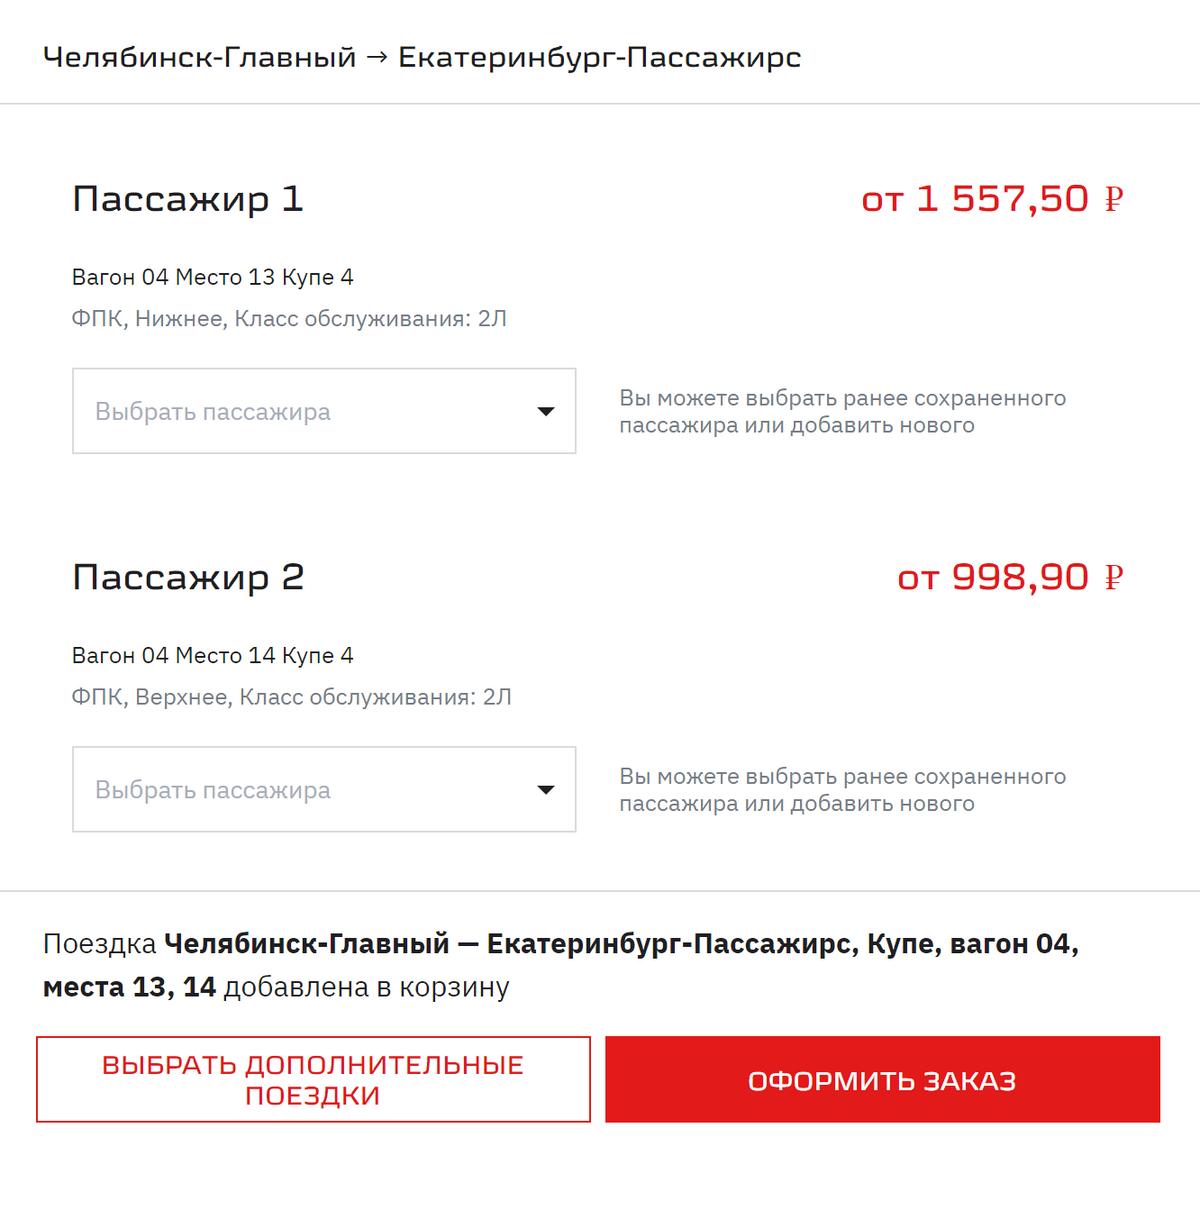 Верхнее место в купе поезда № 132&nbsp;из Оренбурга в Орск 8 октября обойдется в 998<span class=ruble>Р</span>, нижнее — в 1557<span class=ruble>Р</span>